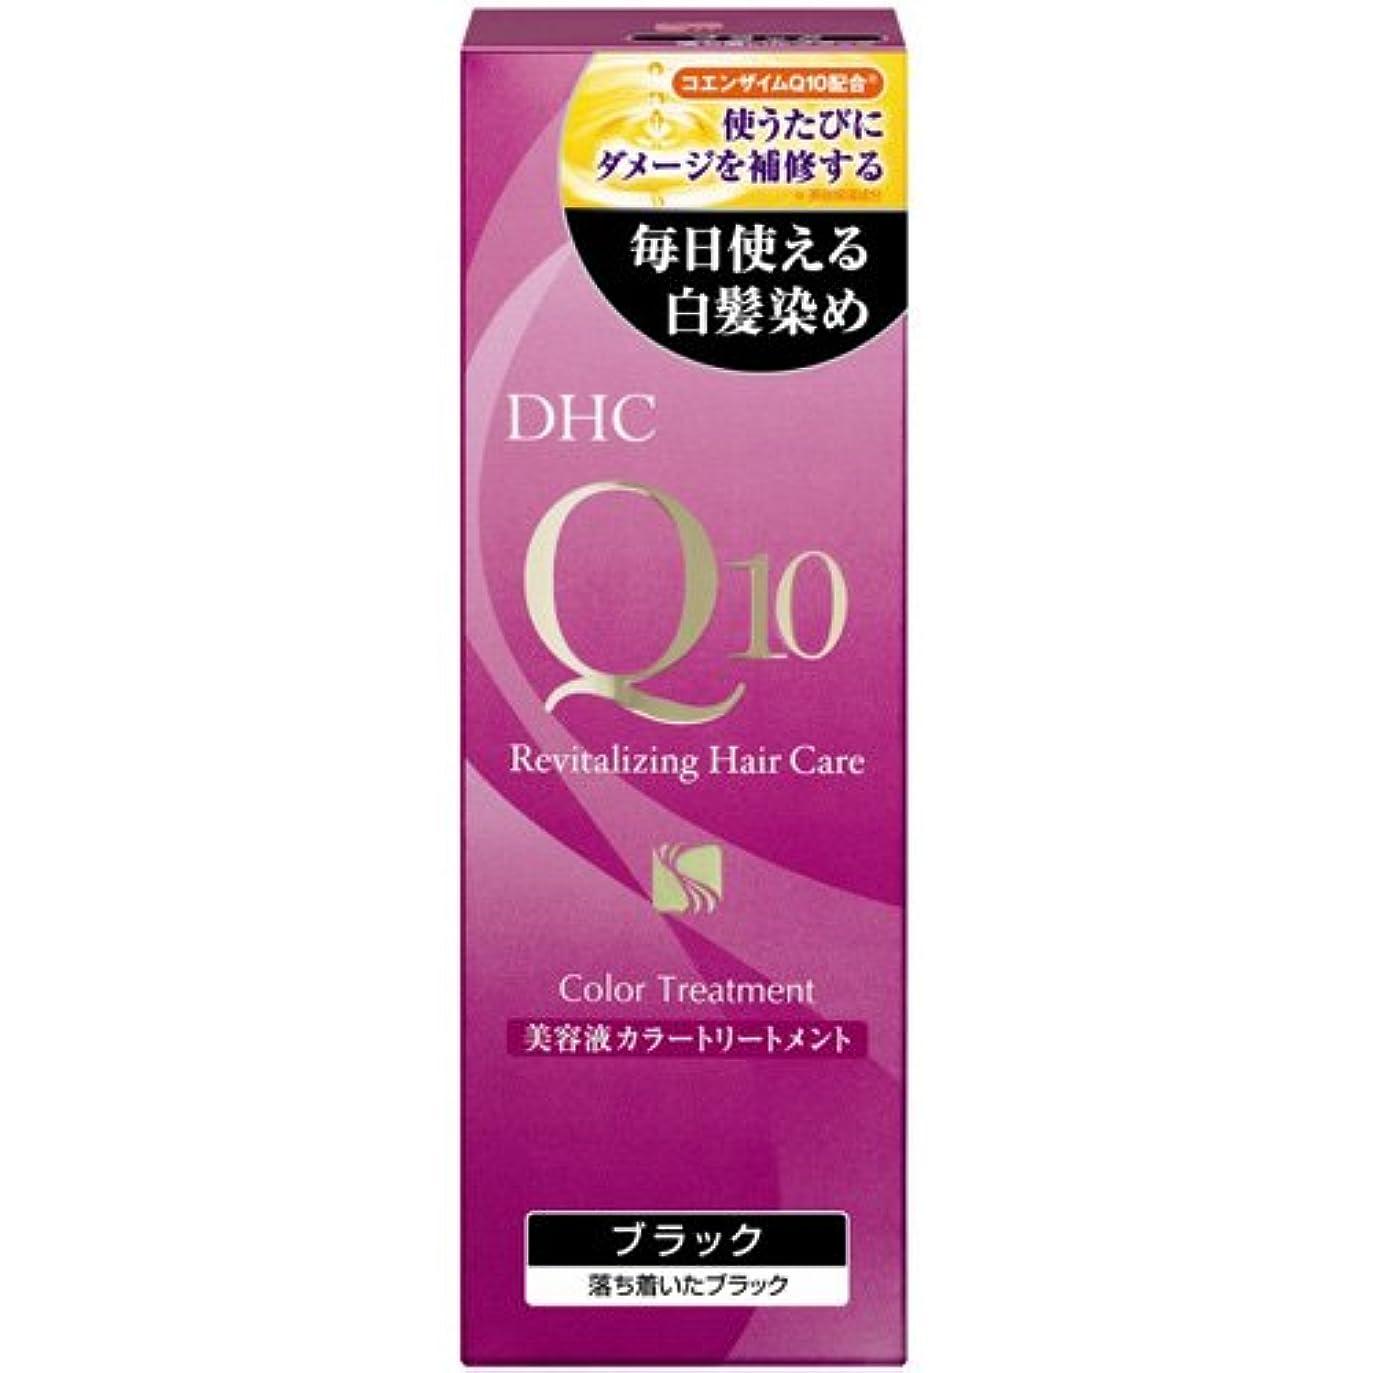 成分モネ太いDHC Q10美溶液カラートリートメントブラックSS170g